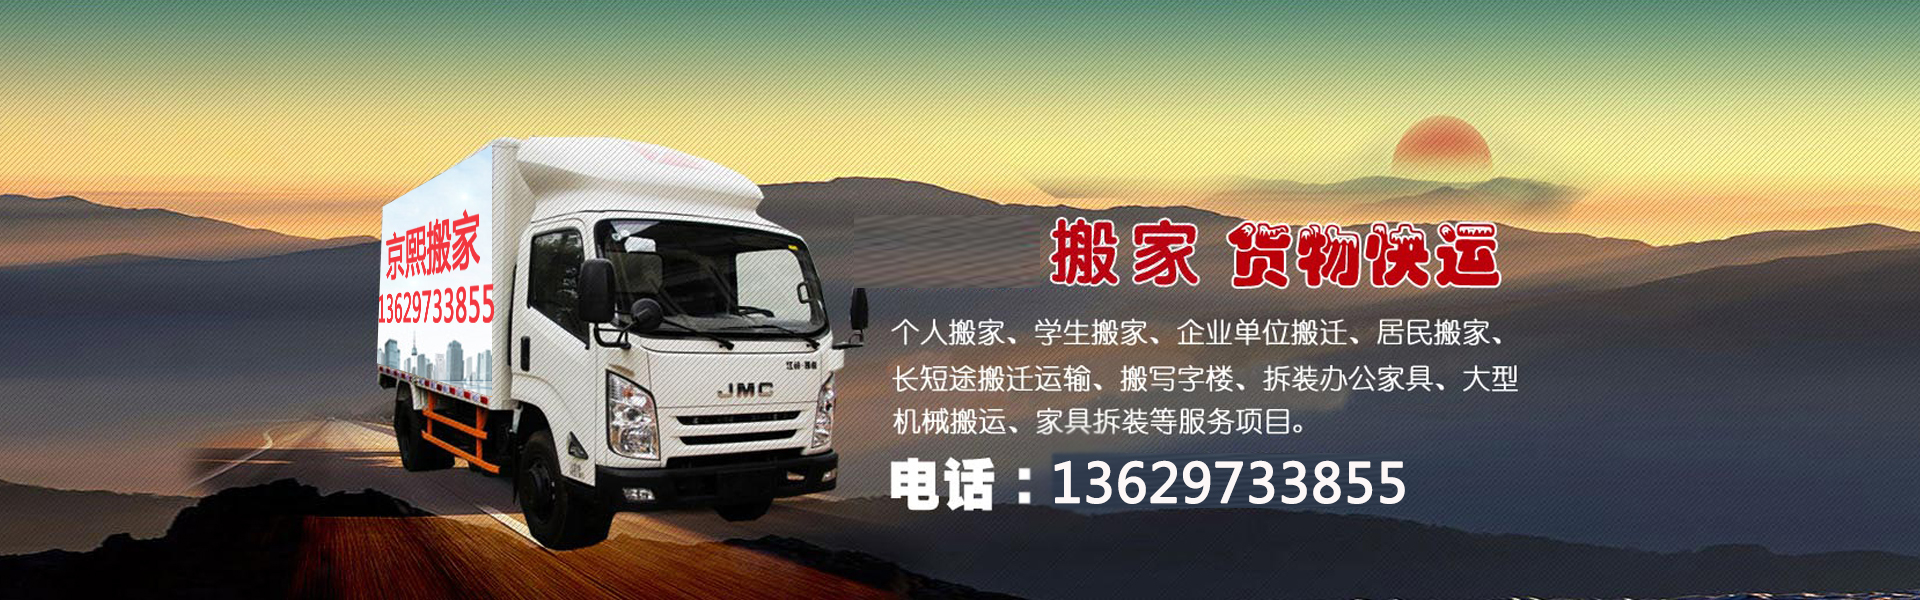 重庆搬家公司哪家便宜:提供最有效的搬家服务